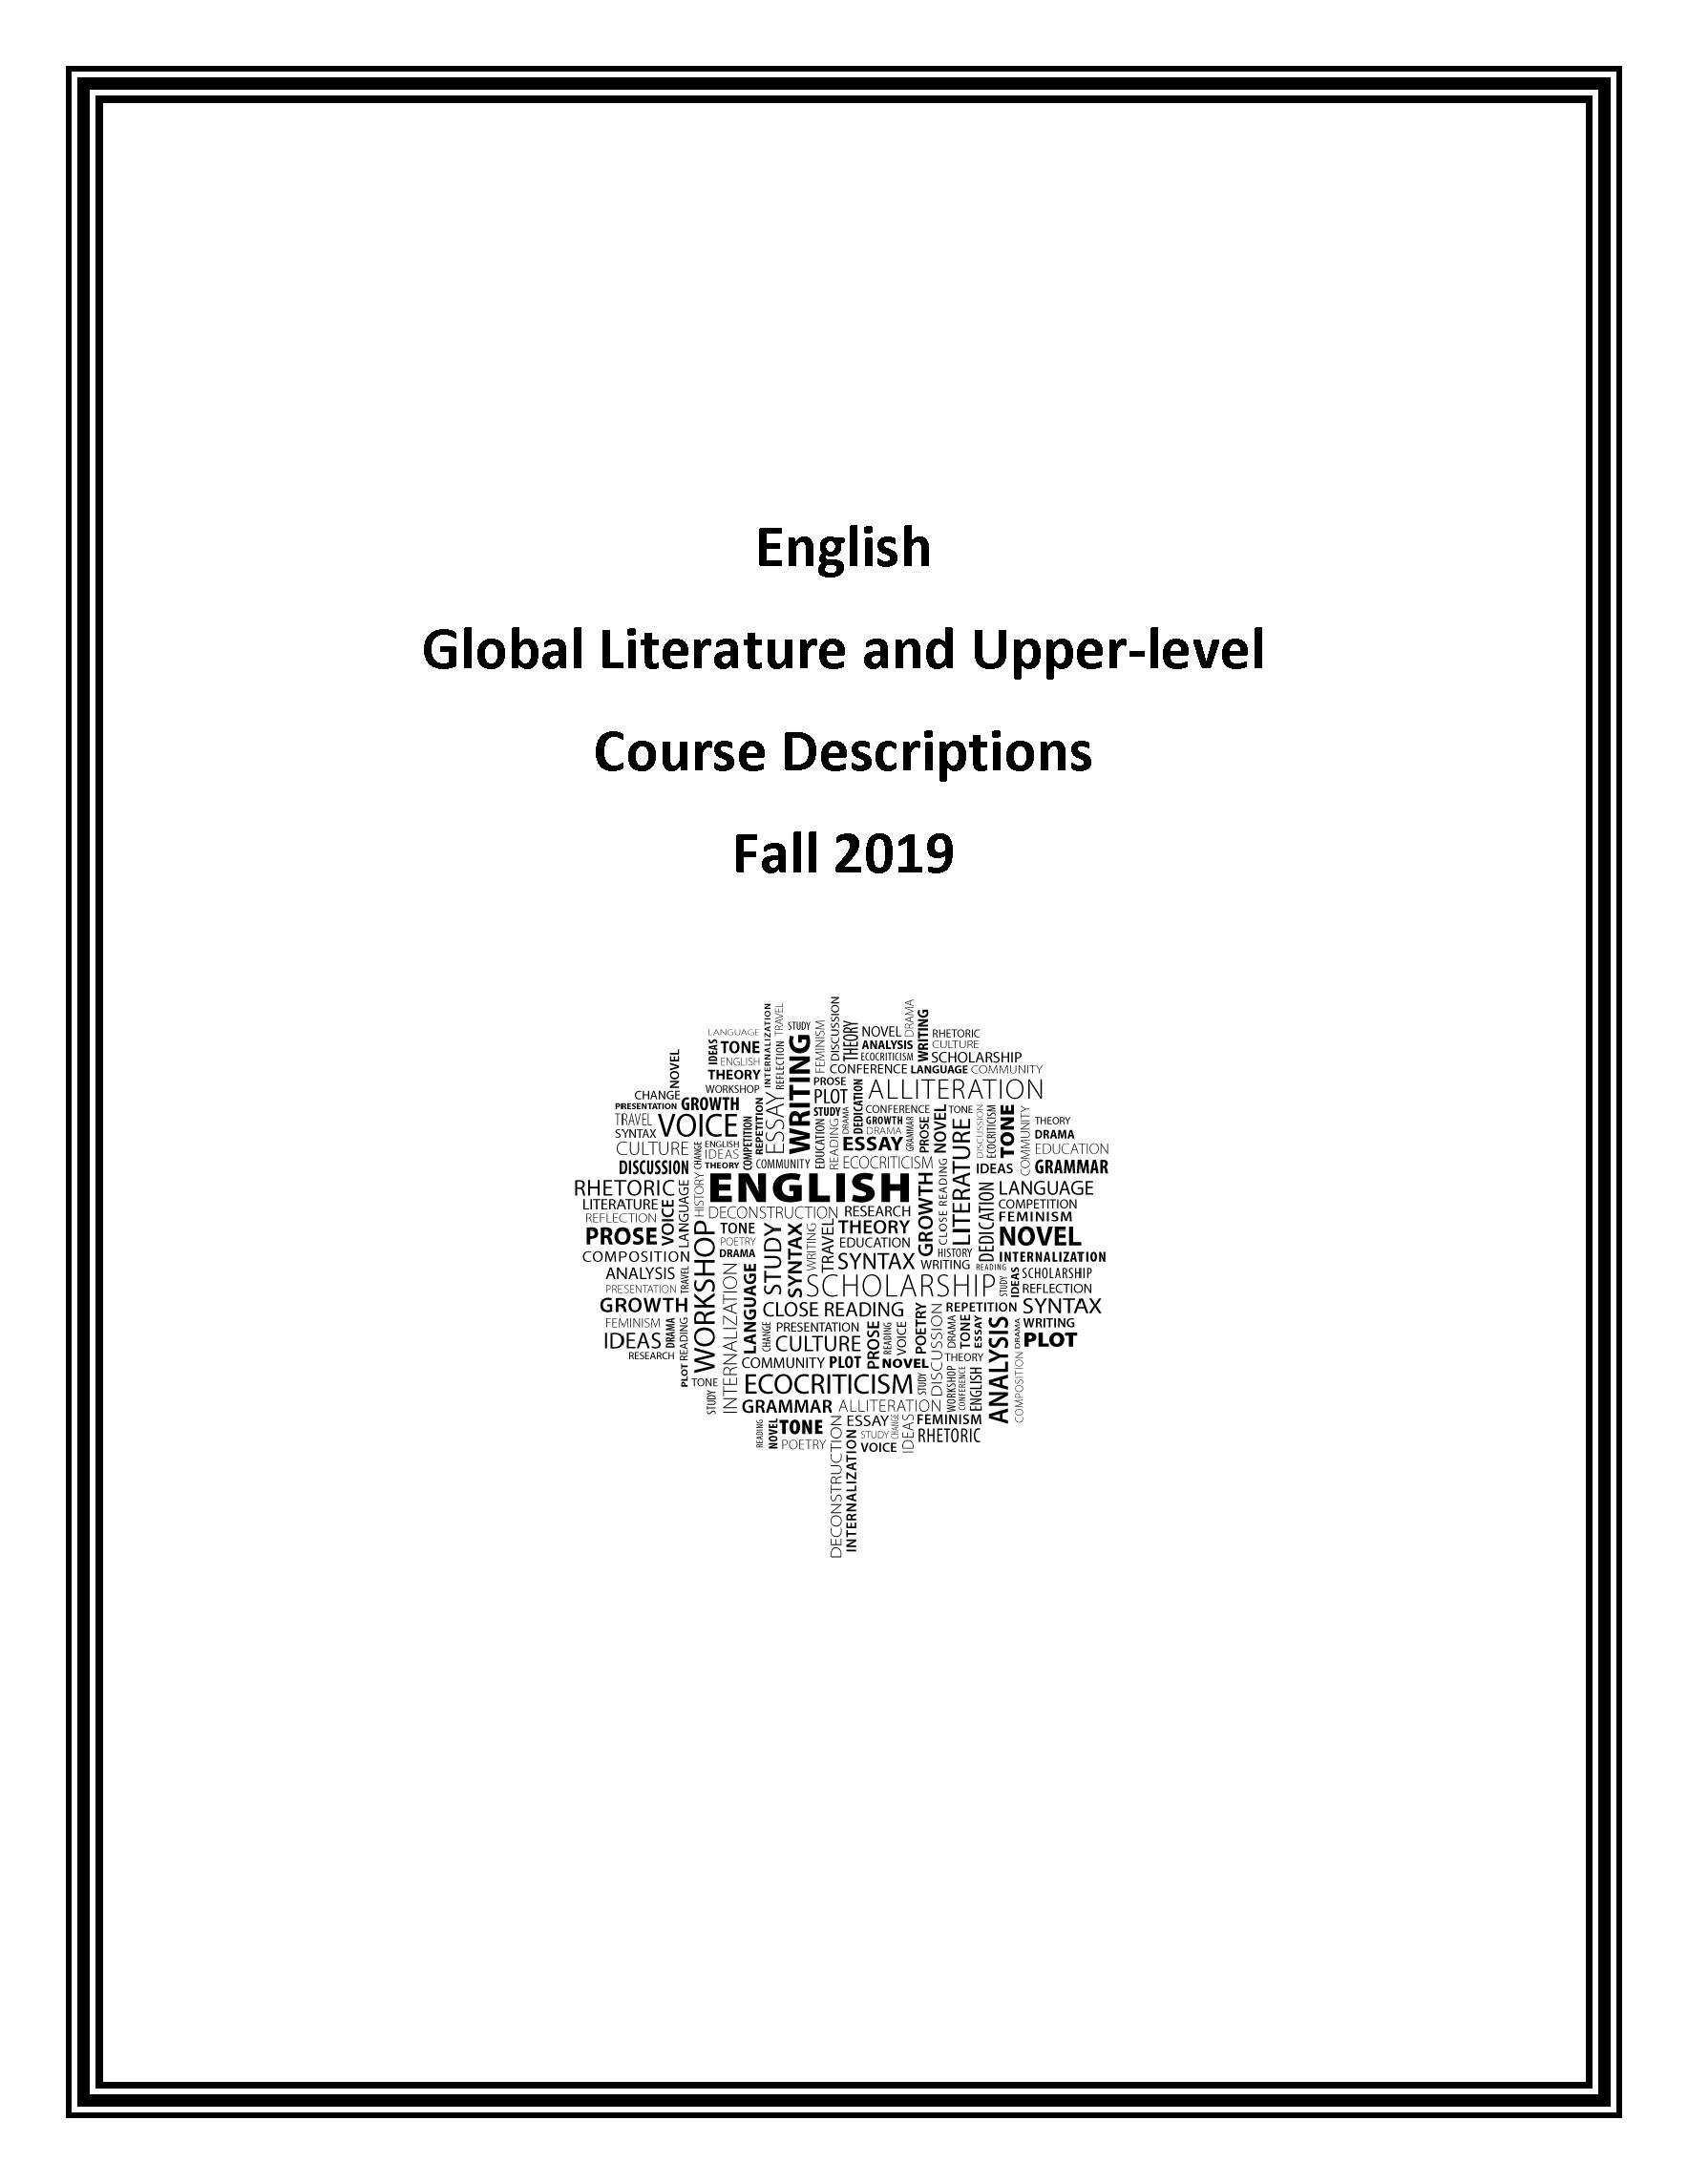 fall 2019 course descriptions